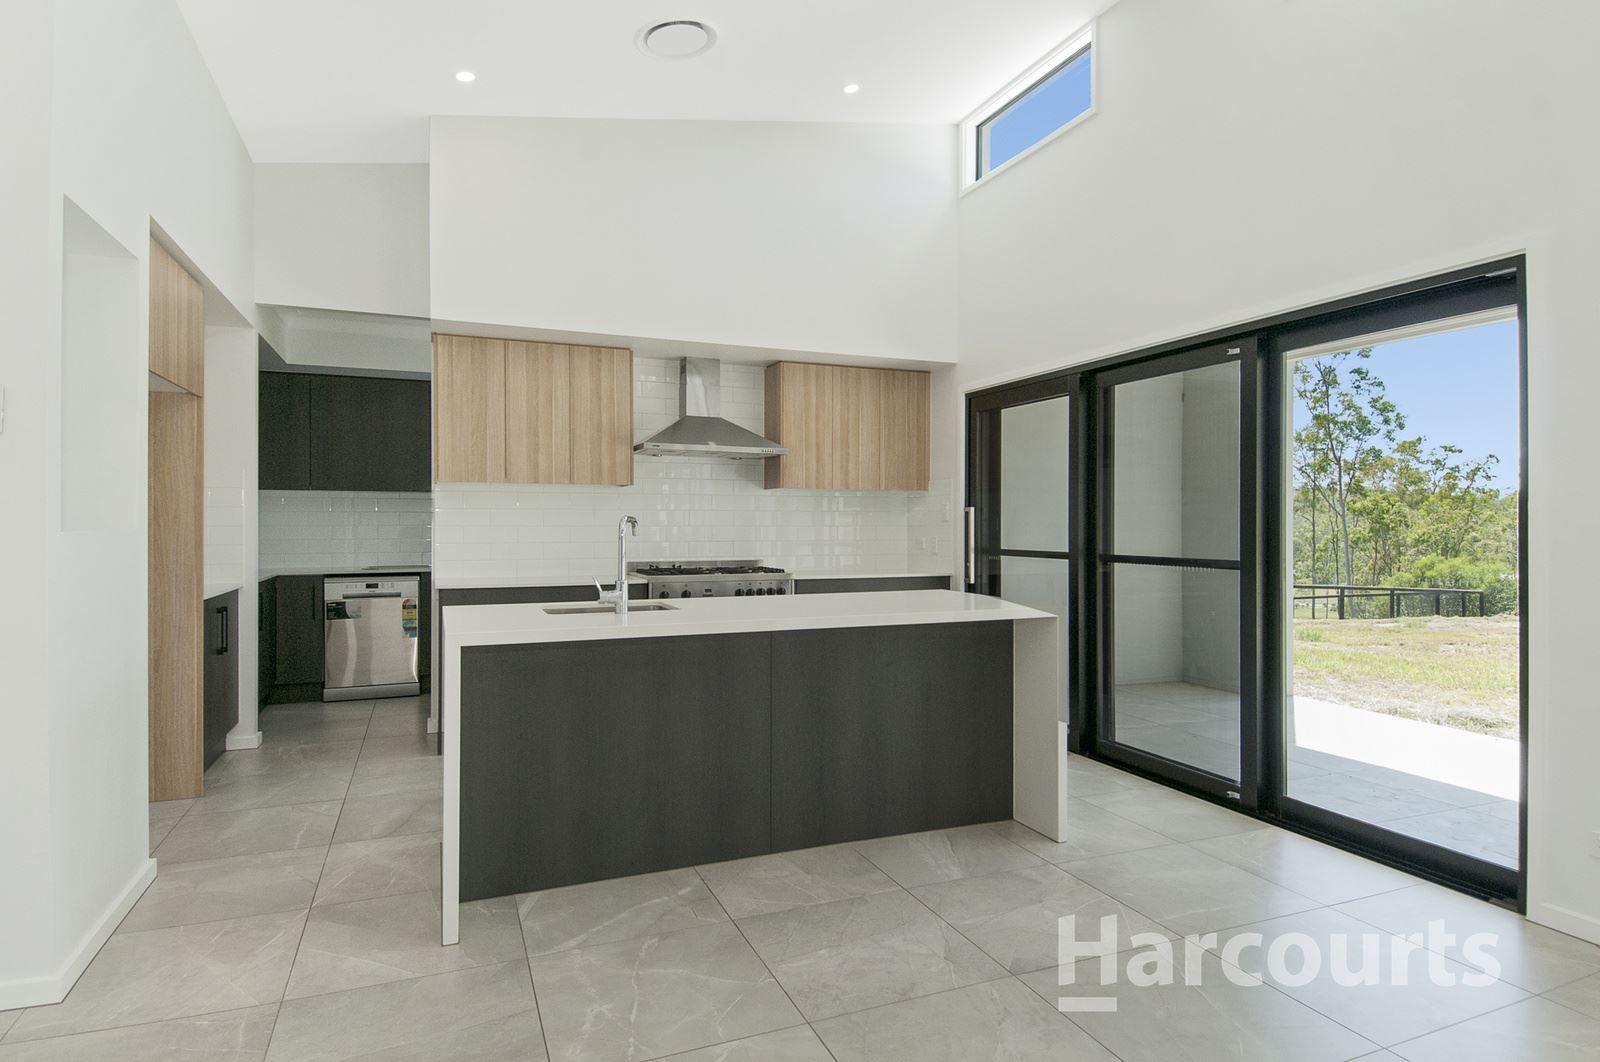 64-66 Weatherly Drive, Jimboomba QLD 4280, Image 2